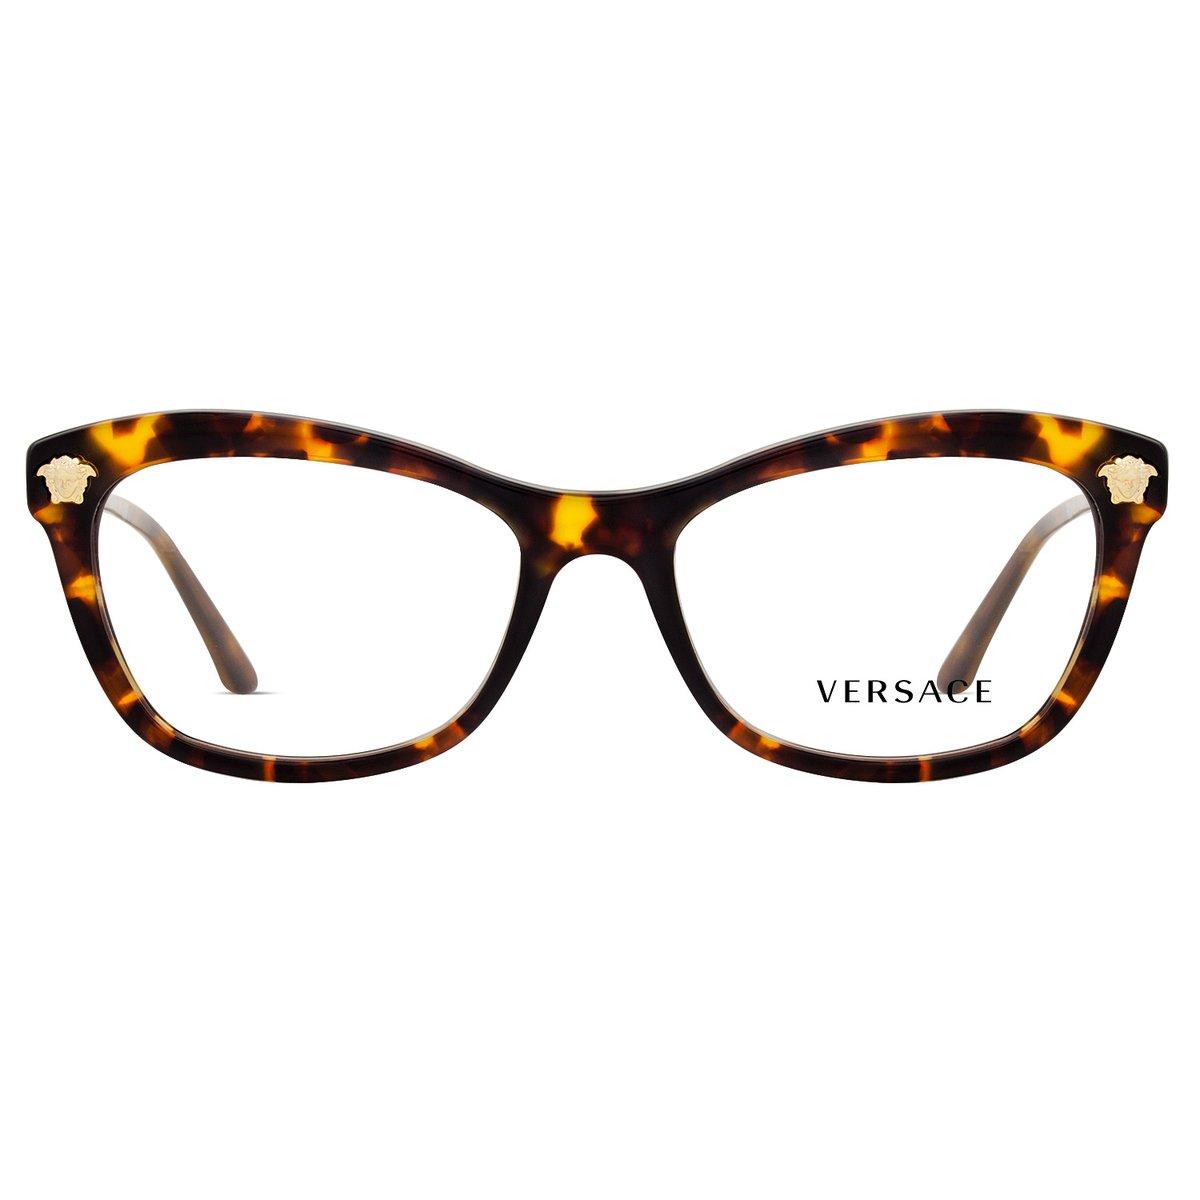 Armação Óculos de Grau Versace VE3224 5148-54 - Compre Agora   Zattini f2ec2de86a